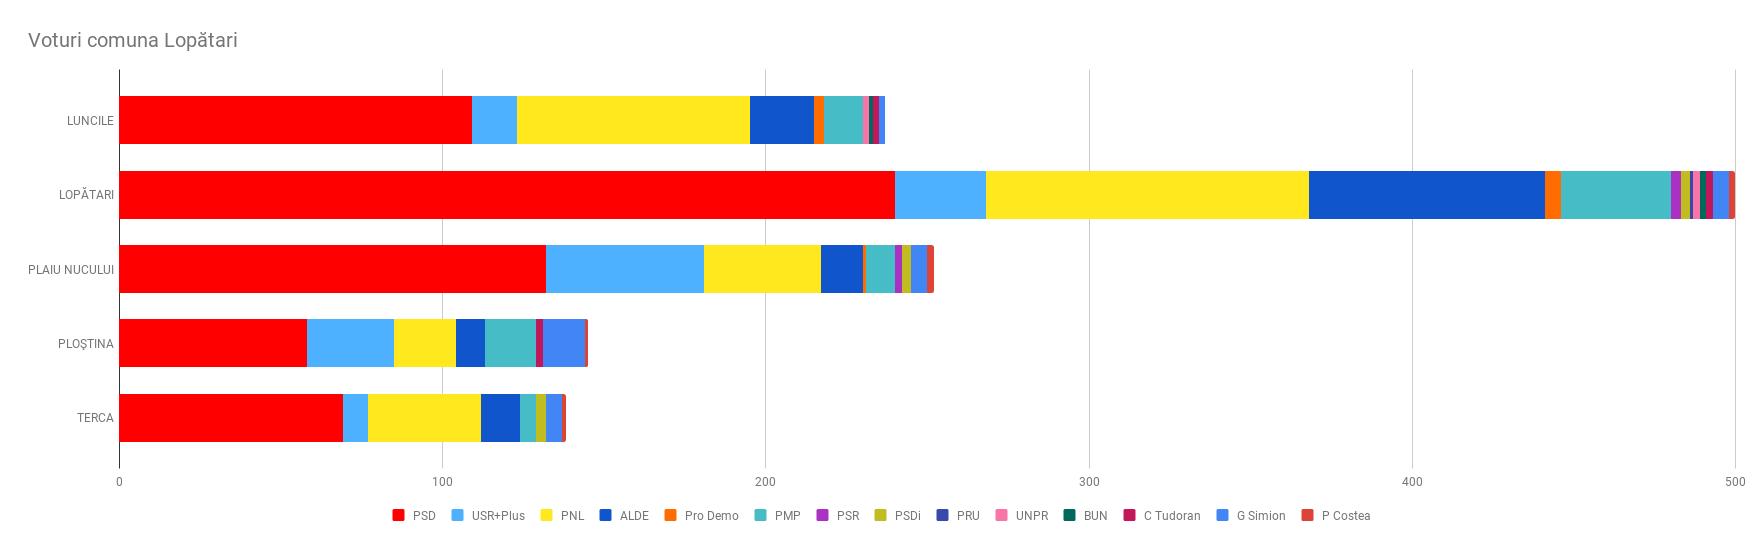 Rezultate alegeri în comuna Lopătari